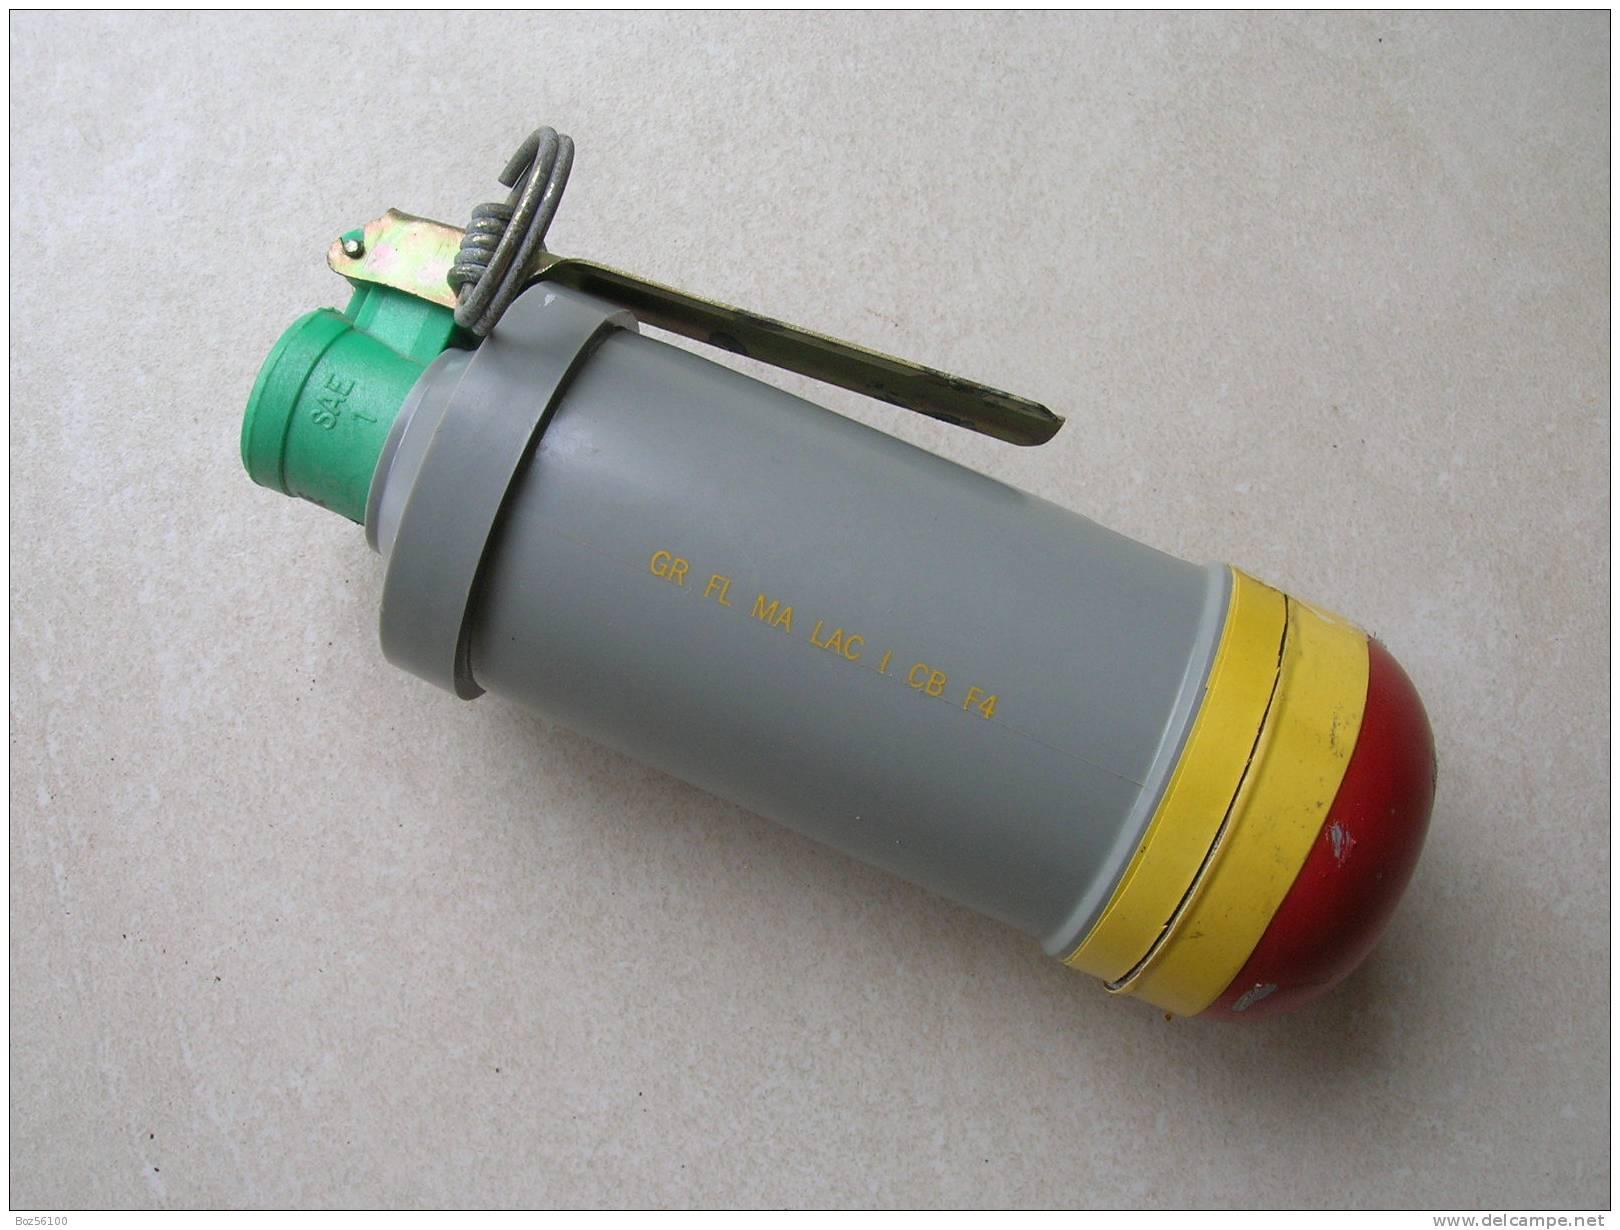 Grenade F4 (Delcampe 2011 15e)